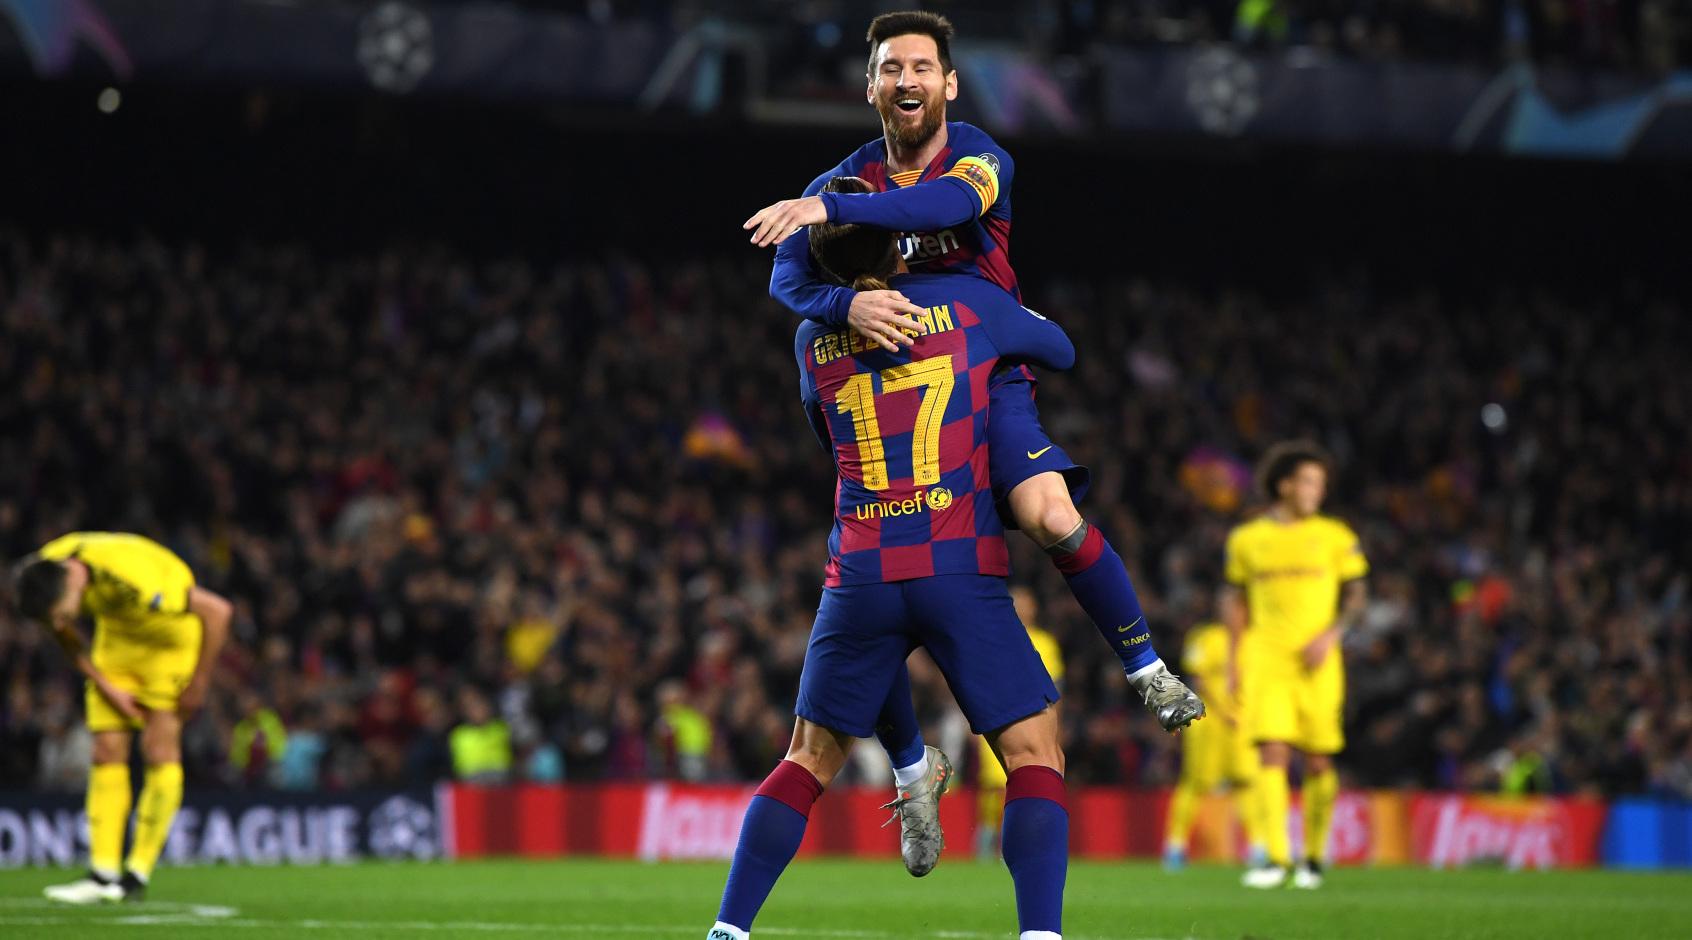 Лионель Месси стал автором рекорда Лиги чемпионов, забив 34-му клубу